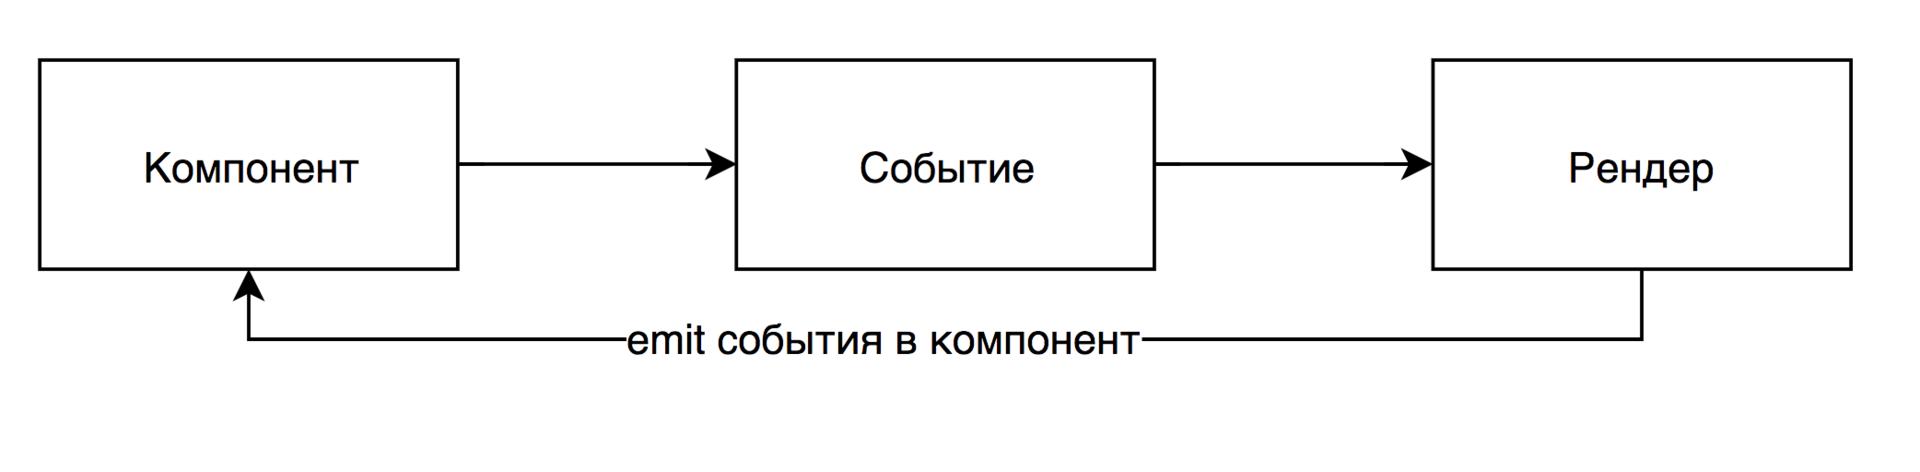 Специфика использования Redux в Polymer и Vue - 3